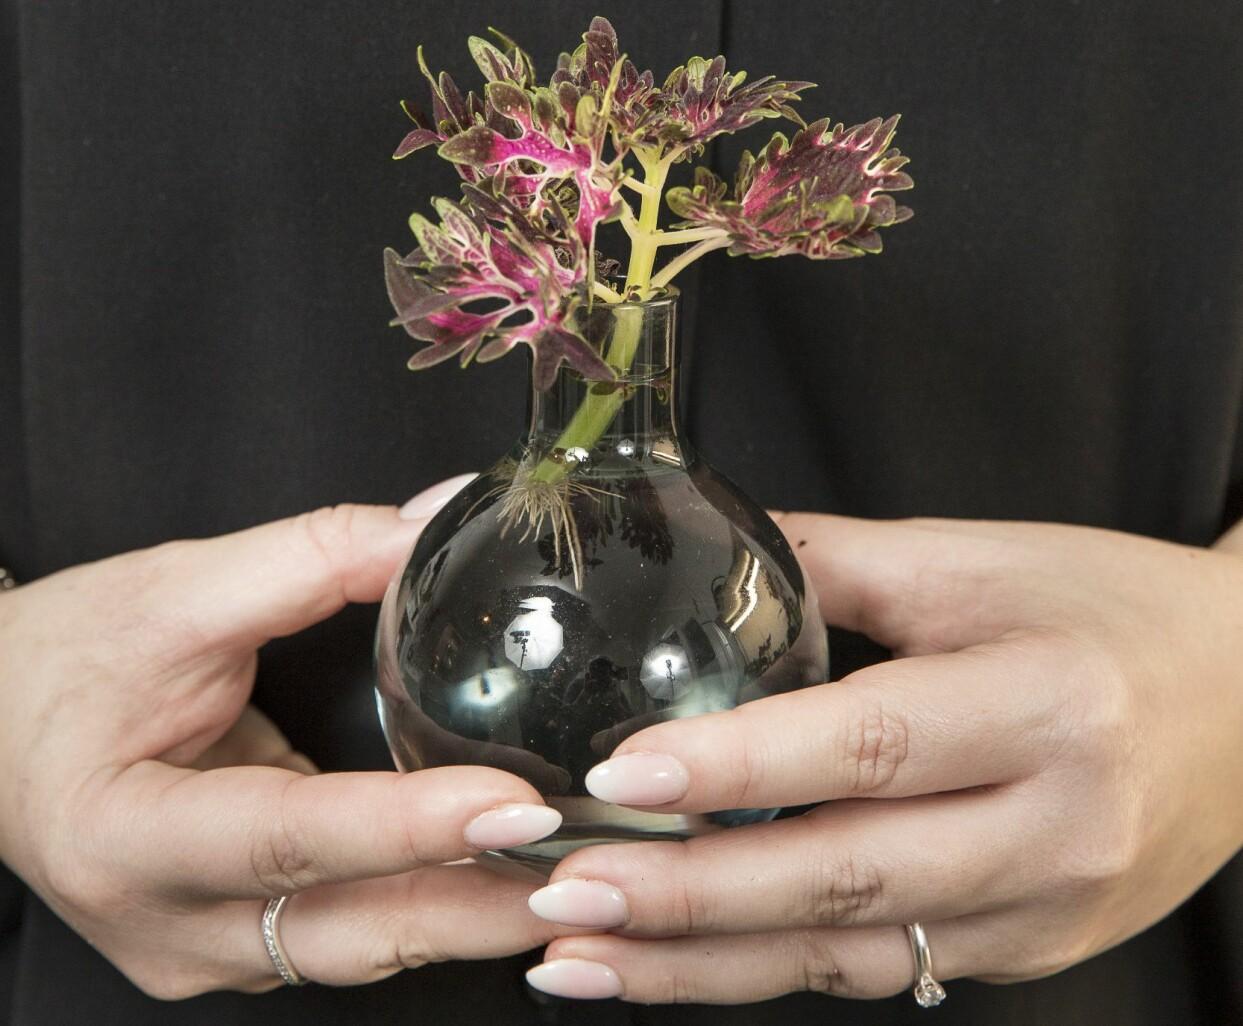 Kvinna håller upp en liten vas med palettblad i vatten.